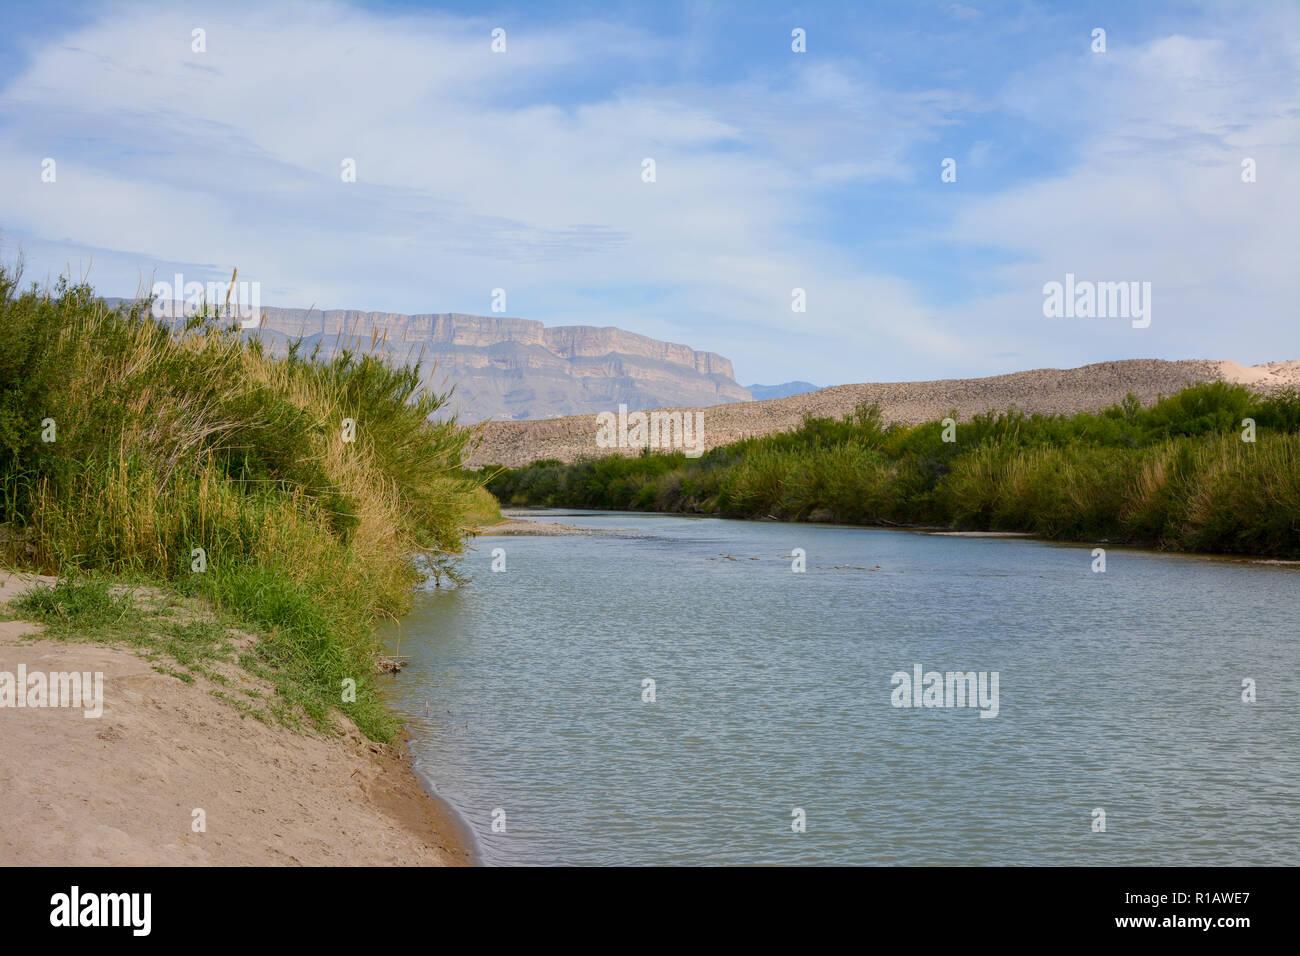 La Rio Grande River qui coule le long de la frontière entre le Mexique et les États-Unis à Big Bend National Park. Banque D'Images